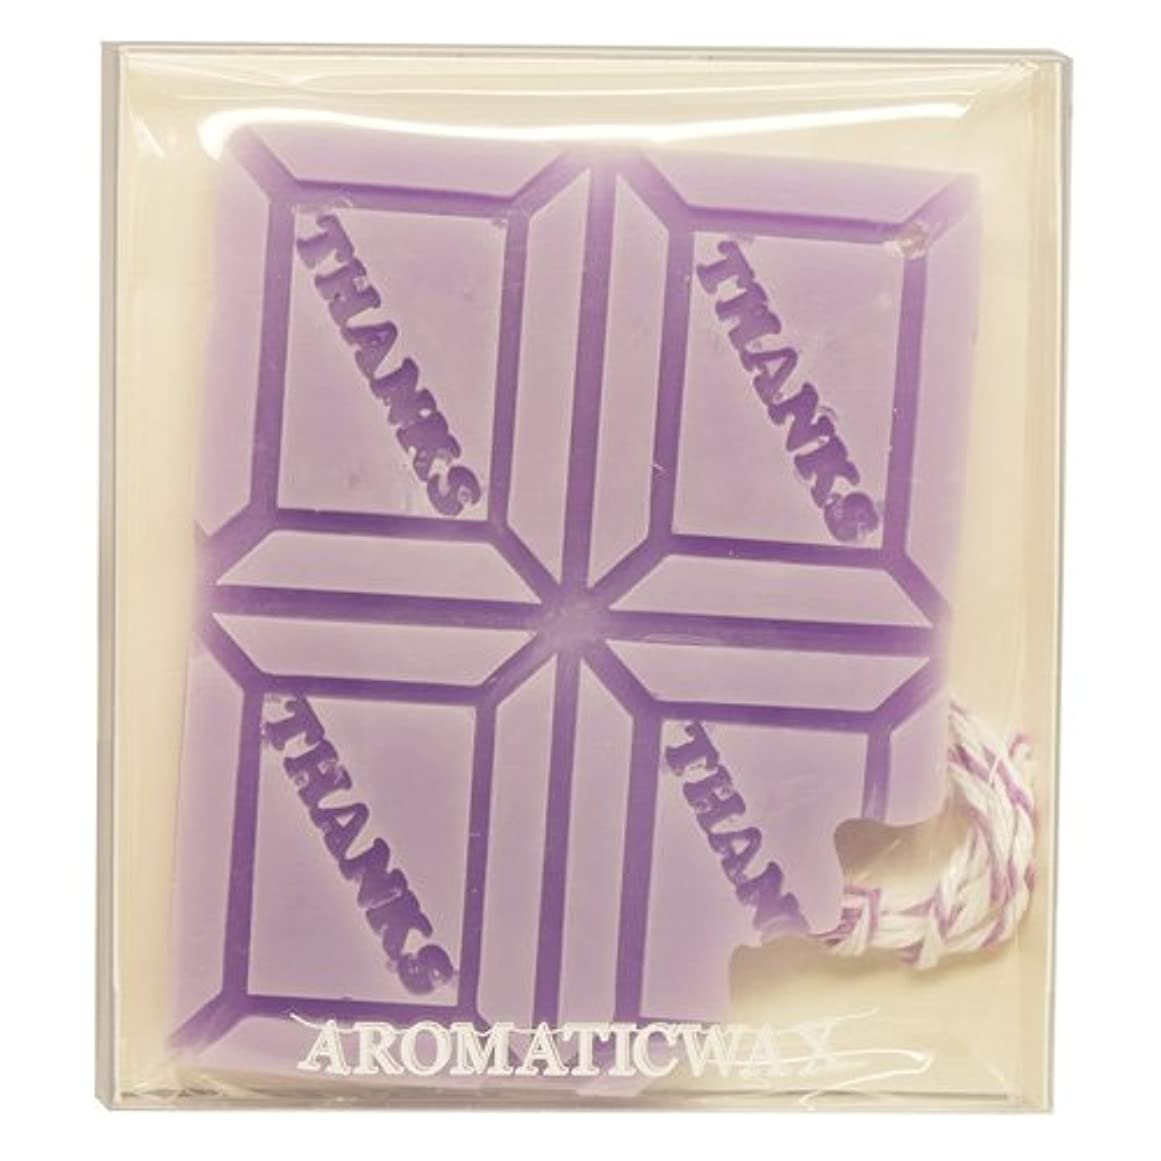 先住民に負けるバドミントンGRASSE TOKYO AROMATICWAXチャーム「板チョコ(THANKS)」(PU) ラベンダー アロマティックワックス グラーストウキョウ